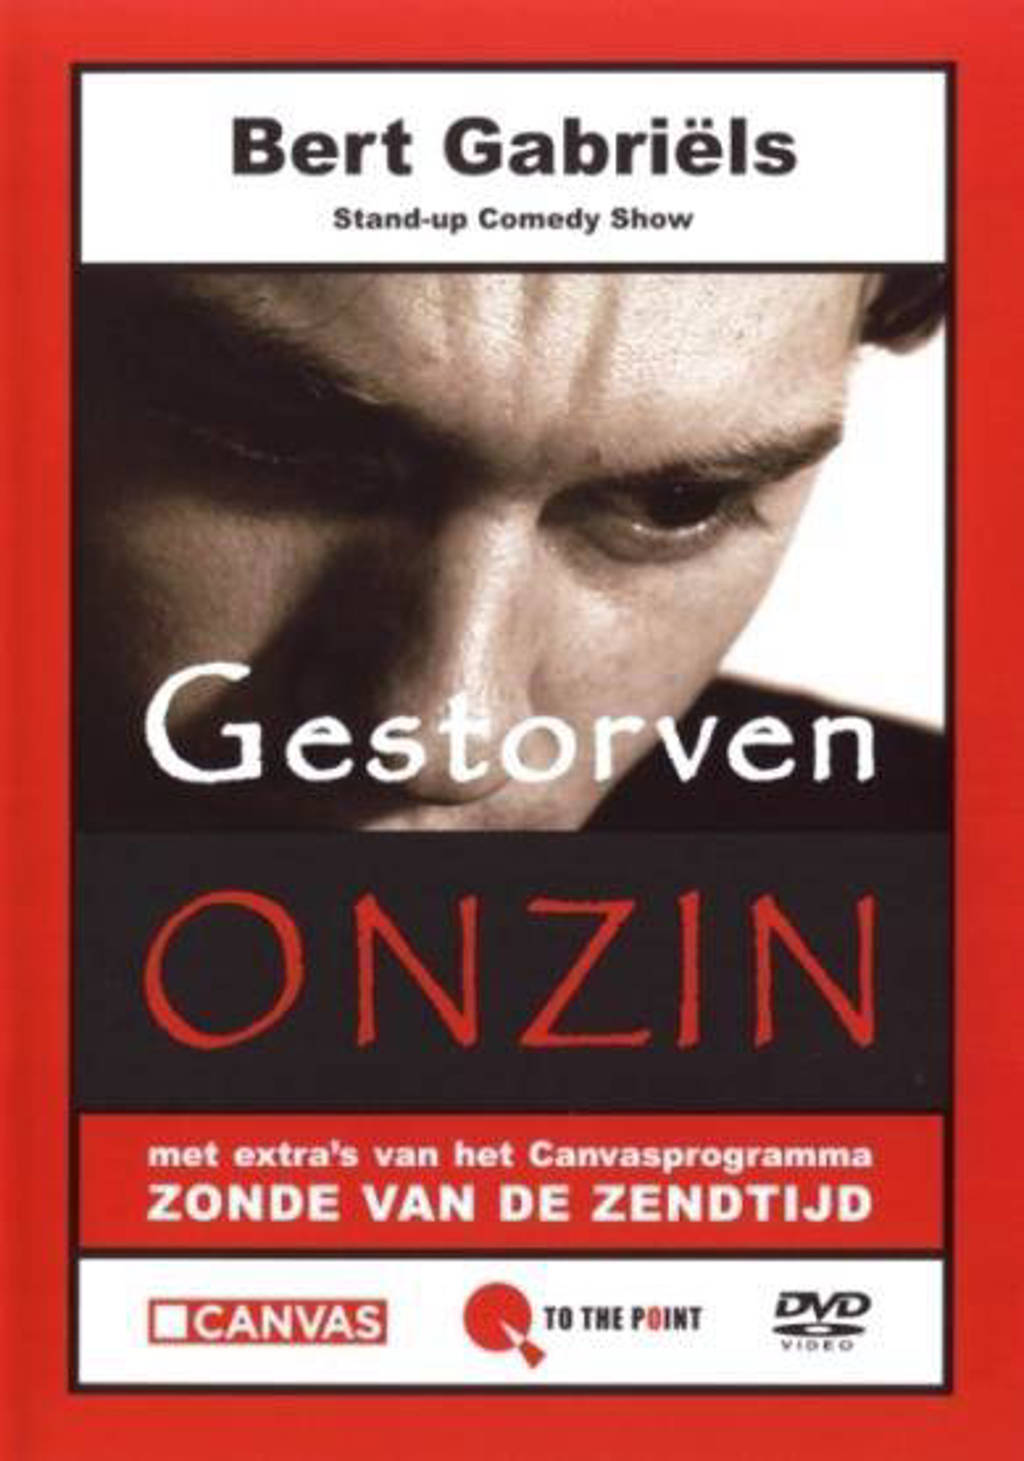 Bert Gabriels - Gestorven Onzin (DVD)